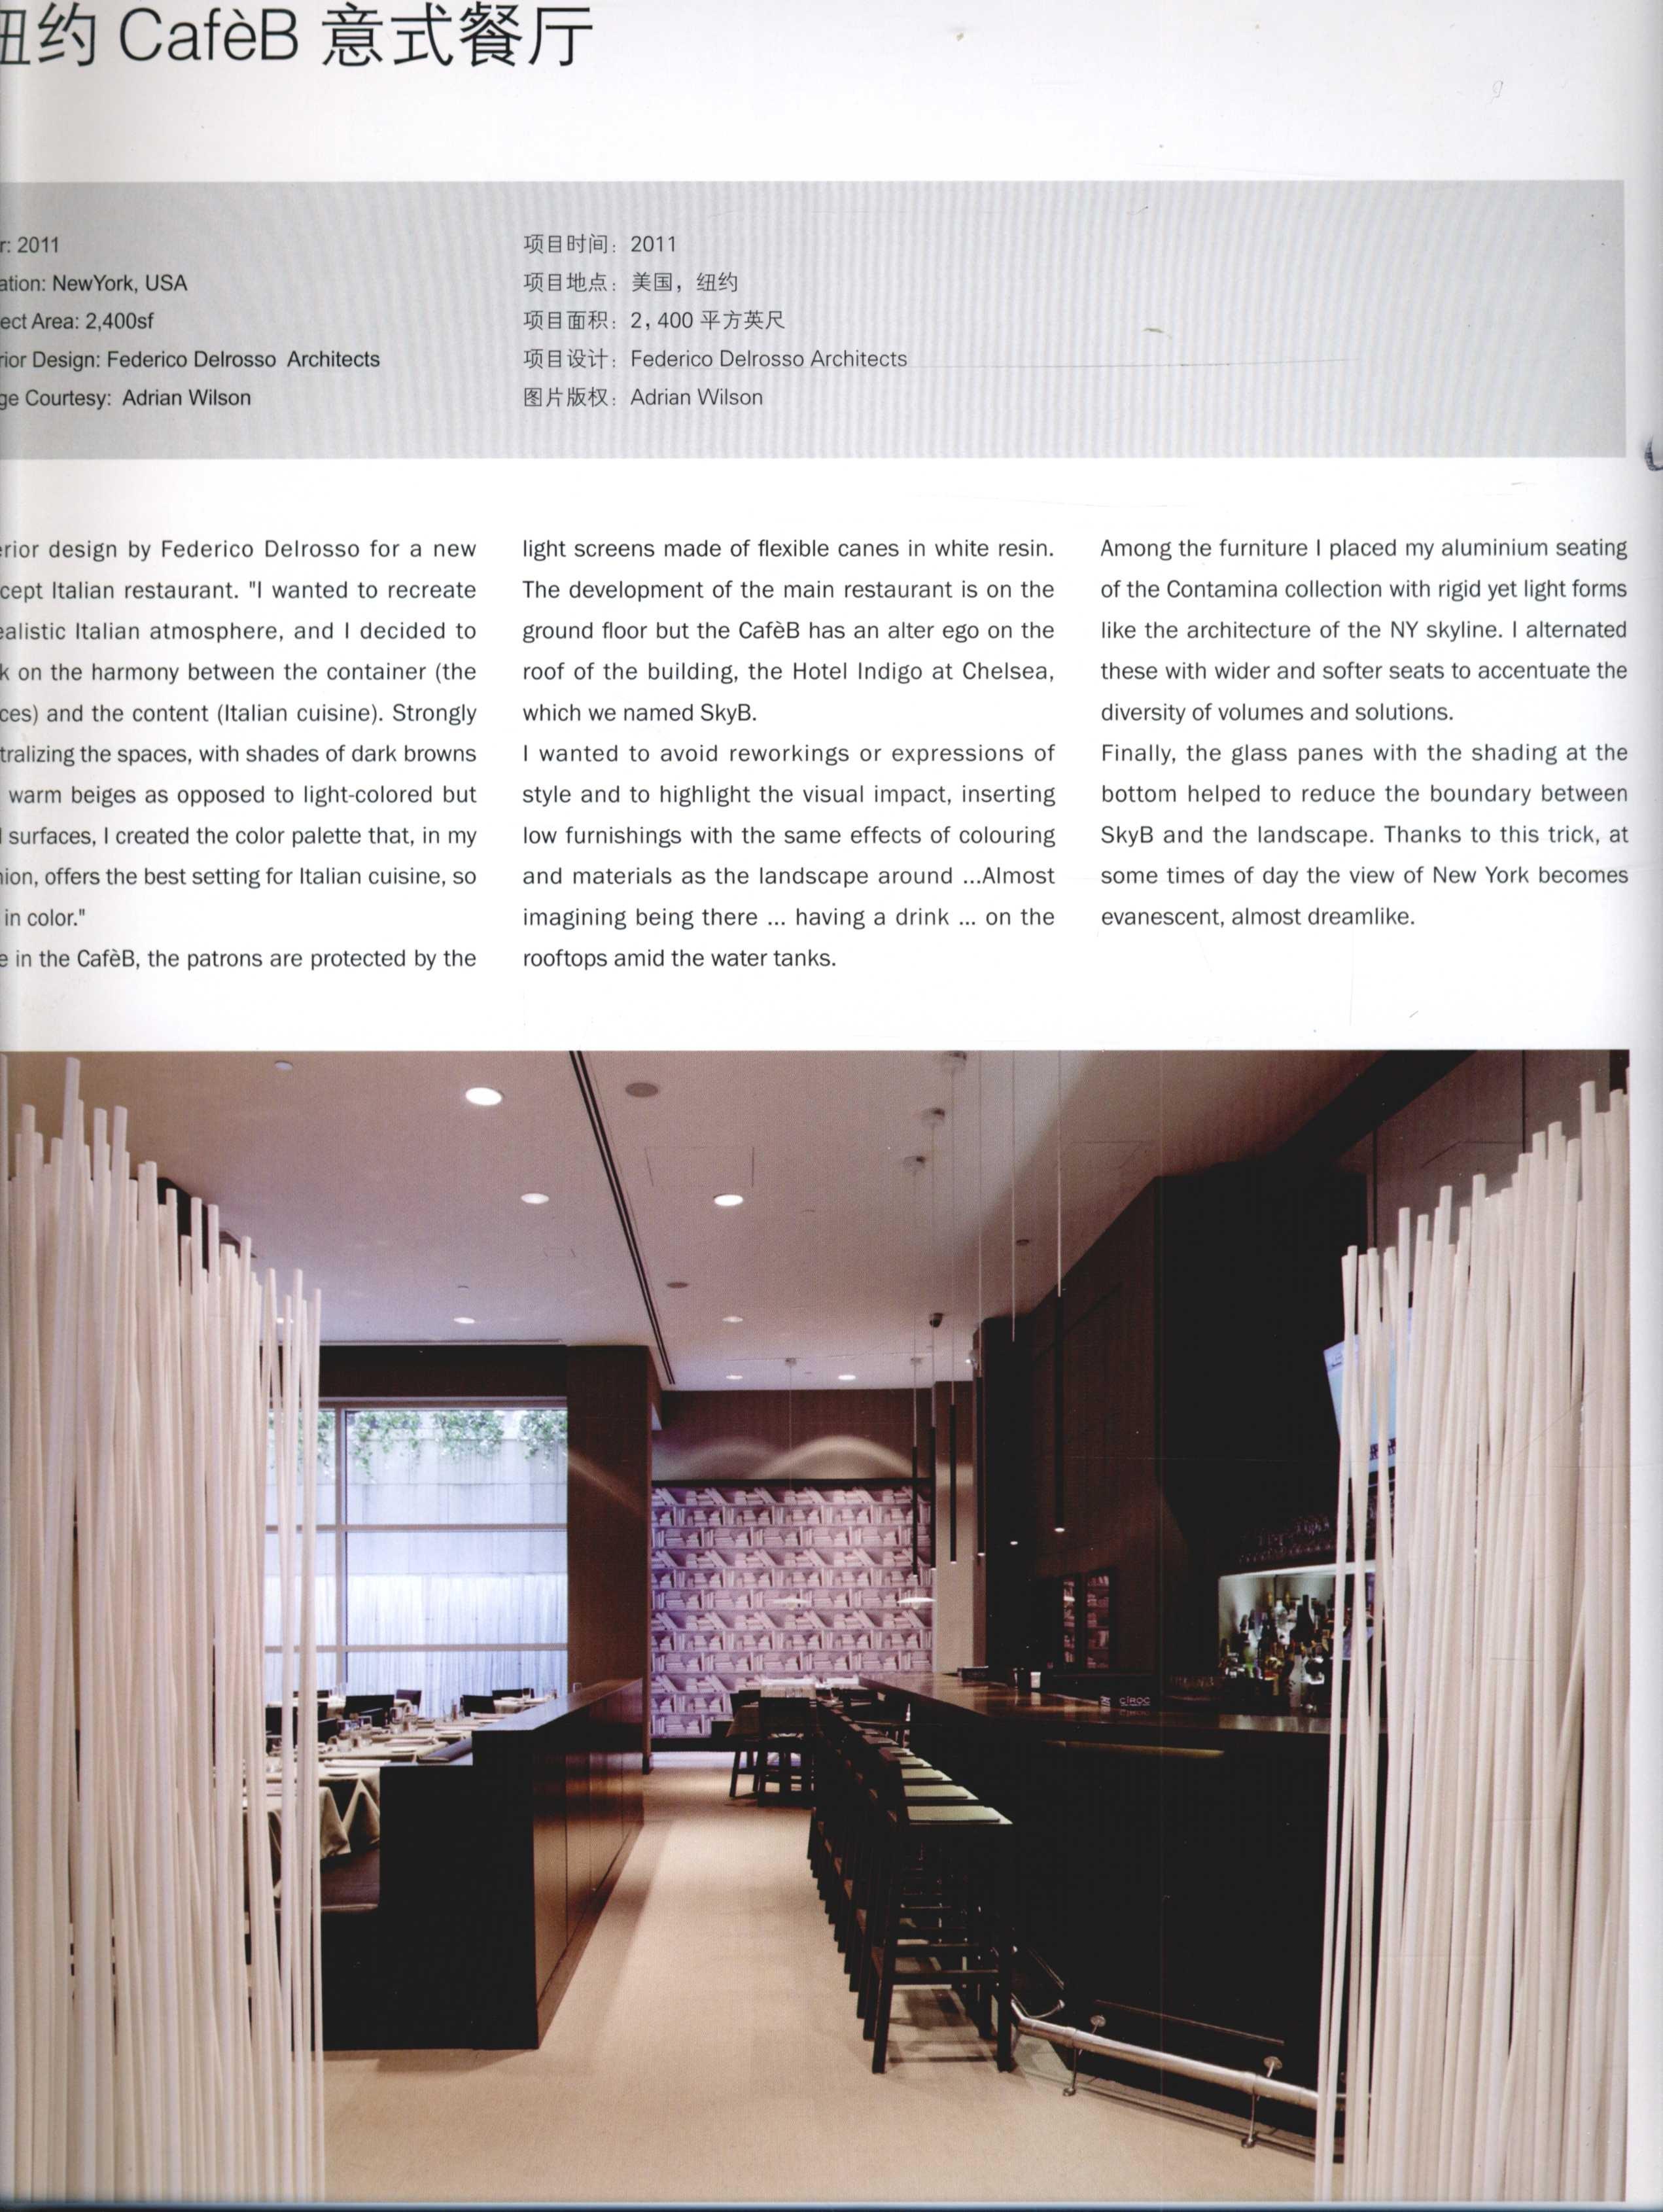 2012全球室内设计年鉴  餐饮_Page_022.jpg